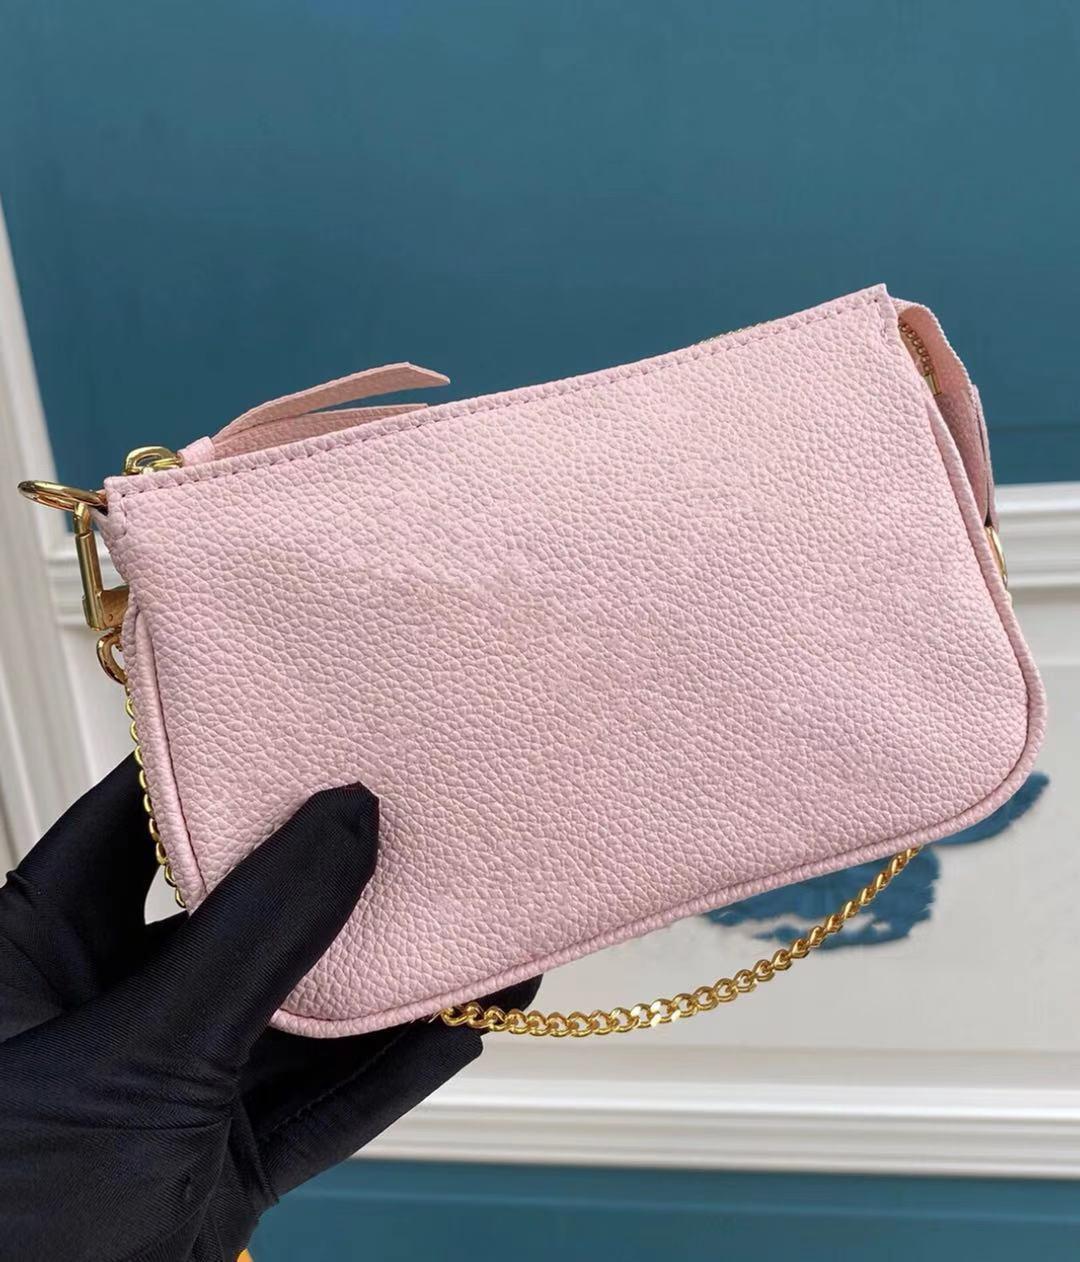 بواسطة بركة النساء أزياء Empreinte لينة الحبوب حقيبة مخلب أكياس مخلب مصغرة pochette accessoires صور التدرج لون السيدات حقيبة سلسلة جديدة مع هدية مربع